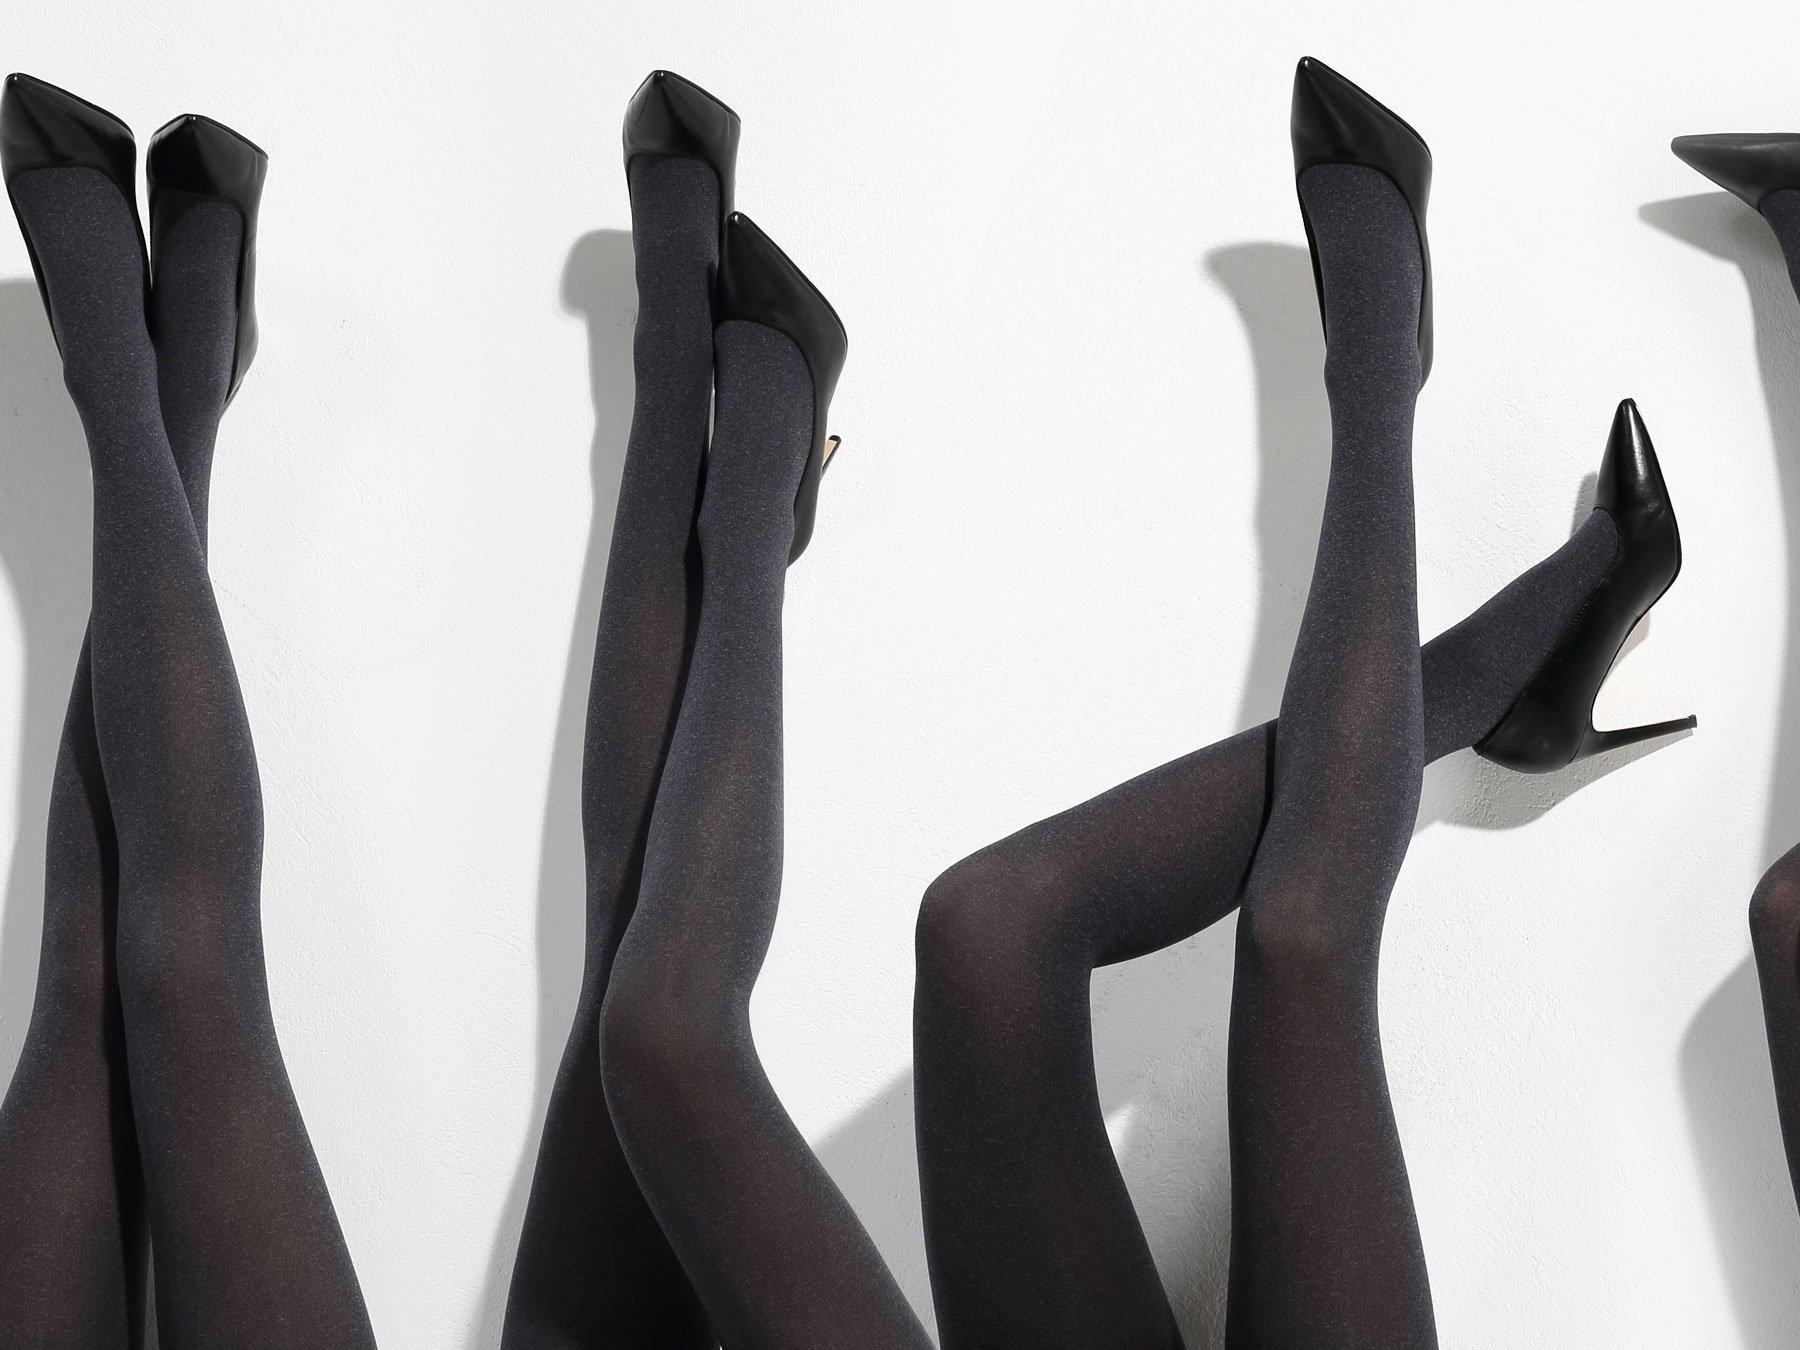 delle gambe di alcune donne con calze nere e scarpe con i tacchi di color nero